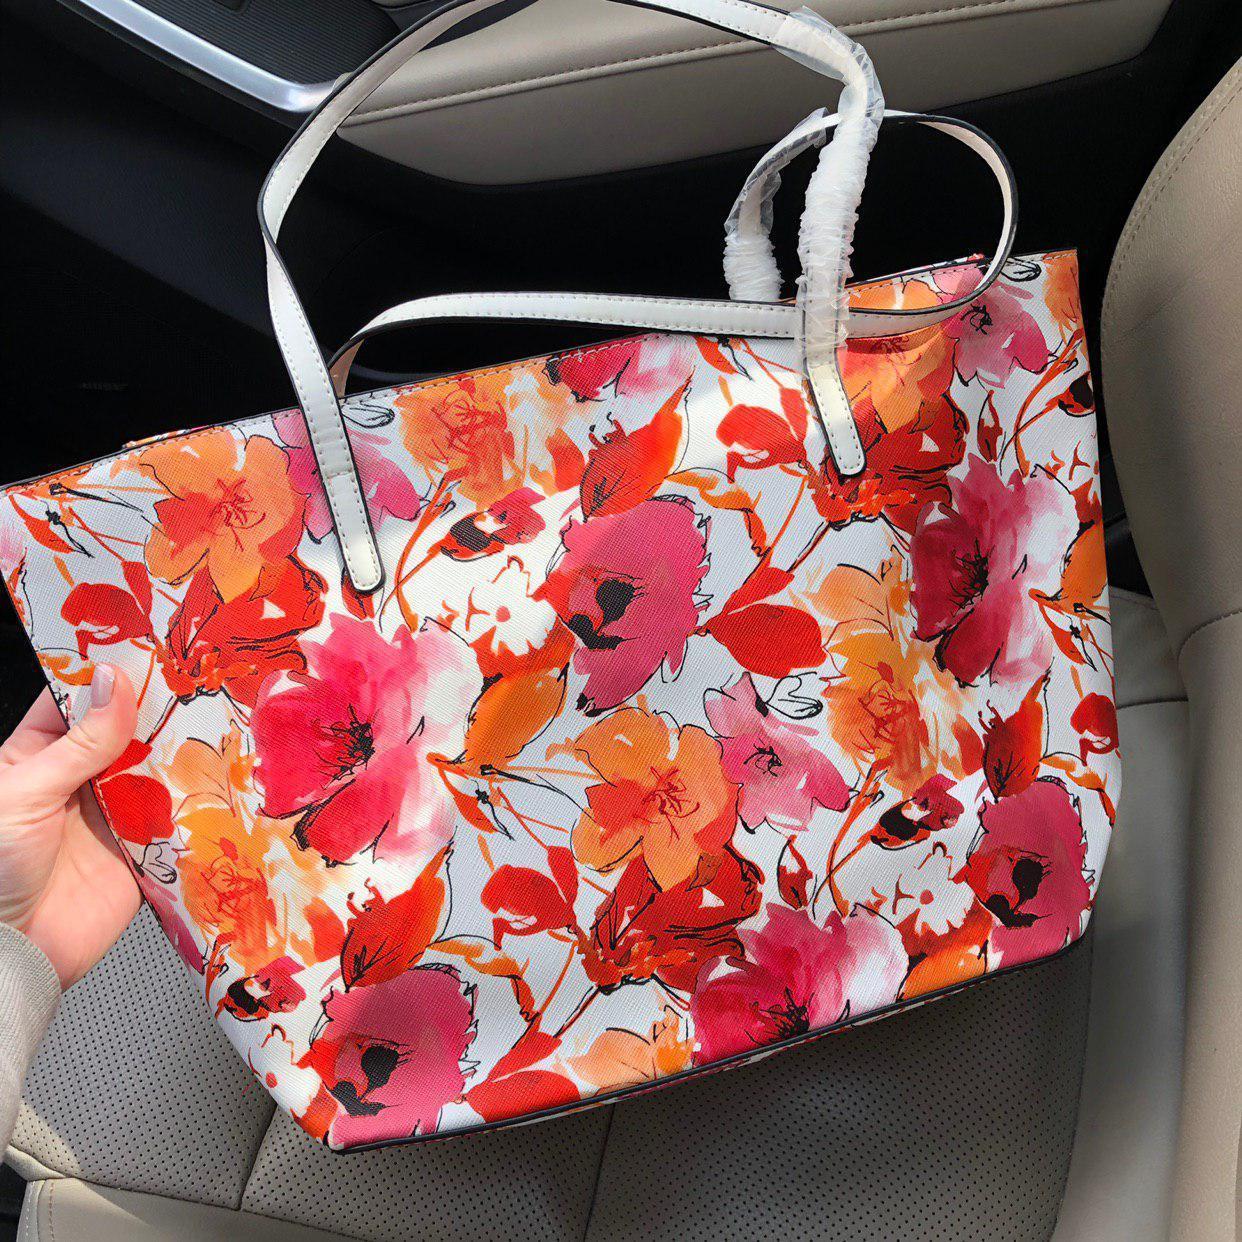 8e7670f2e188 Сумка -шоппер копия Guess в цветочный принт, цена 1 320 грн., купить в  Львове — Prom.ua (ID#941528801)